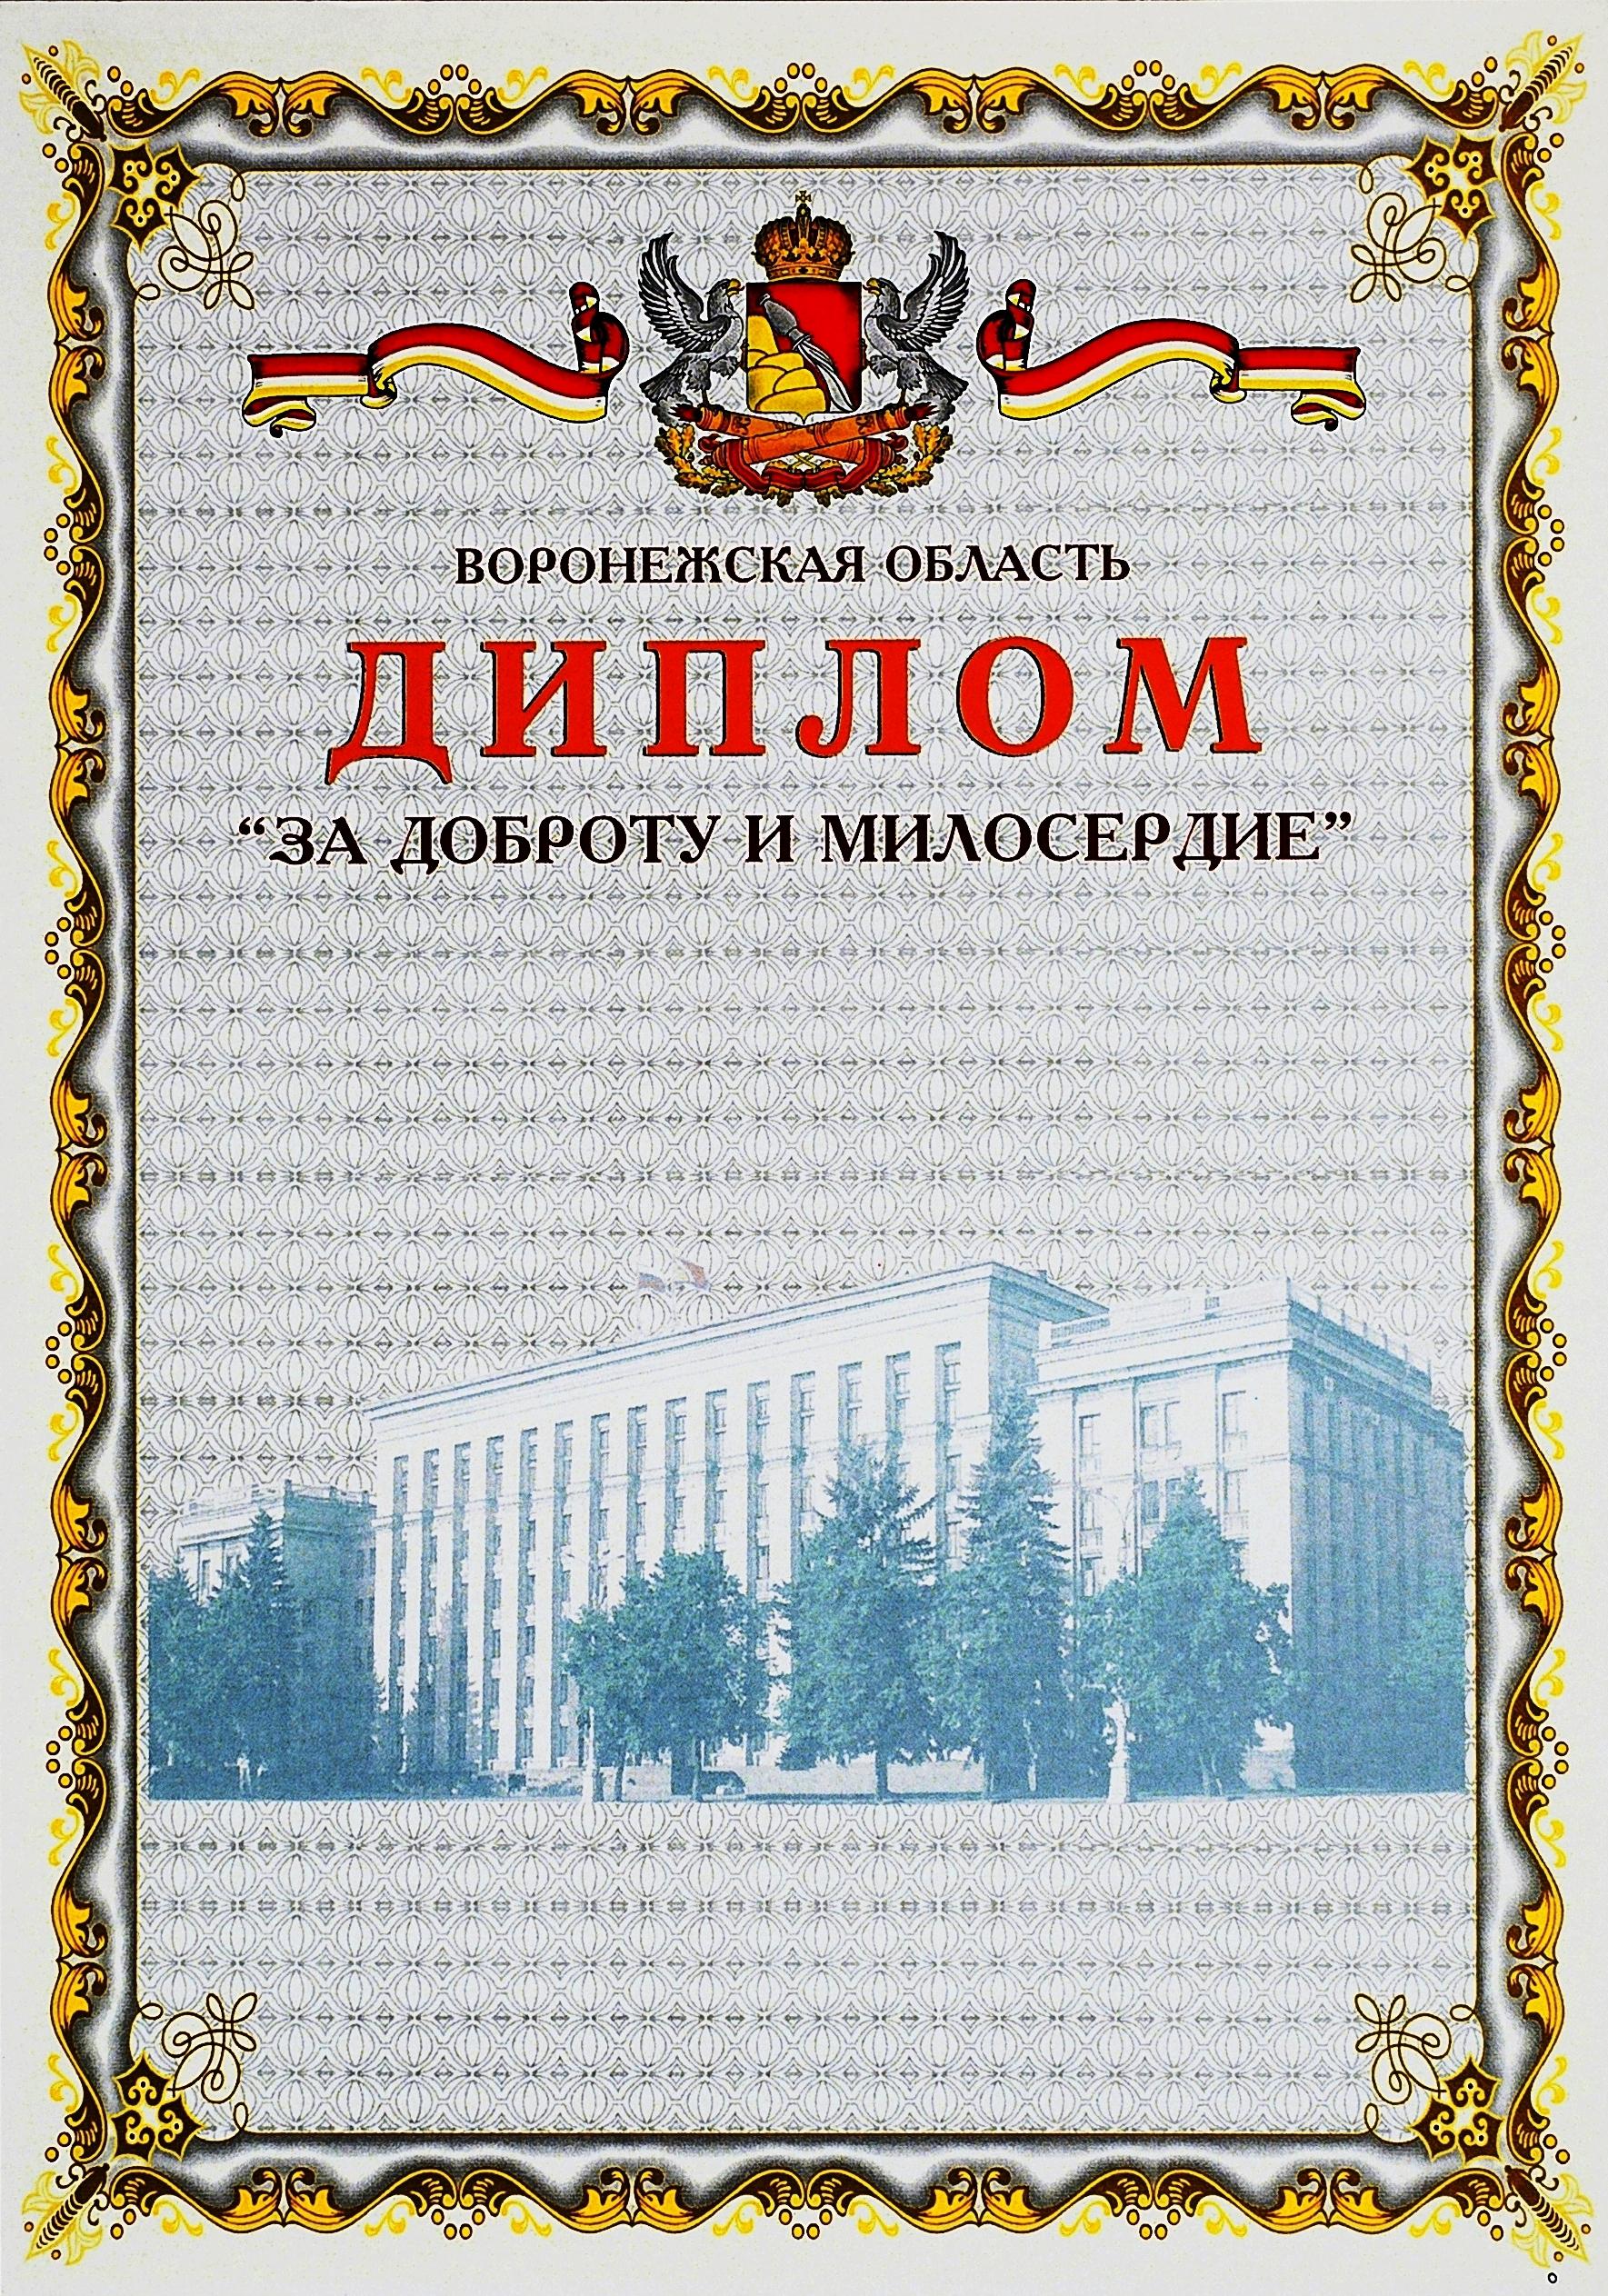 Файл Почётный диплом За доброту и милосердие jpg Википедия Файл Почётный диплом За доброту и милосердие jpg